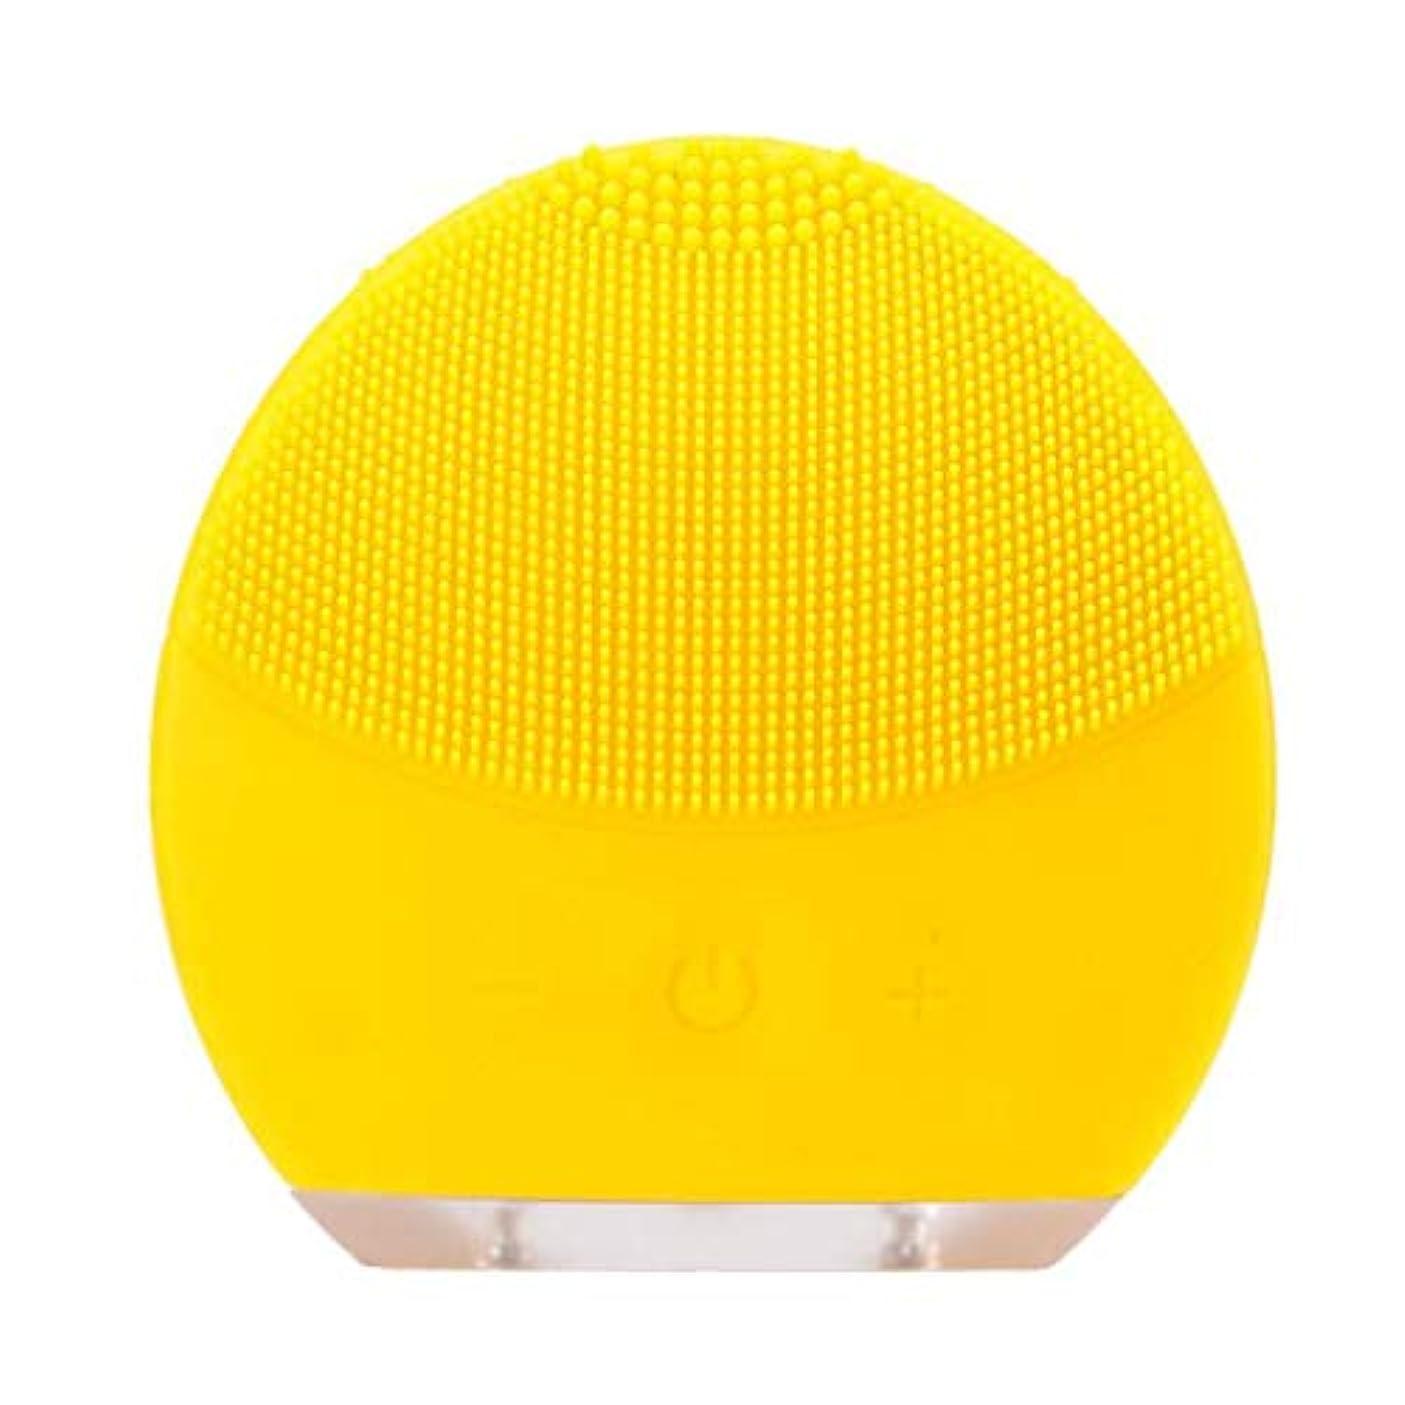 該当するく亡命超音波振動美容機器洗浄器、皮膚の毛穴を最小限に抑えるマイクロダーマブレーション毛穴、USB 充電と防水,Yellow